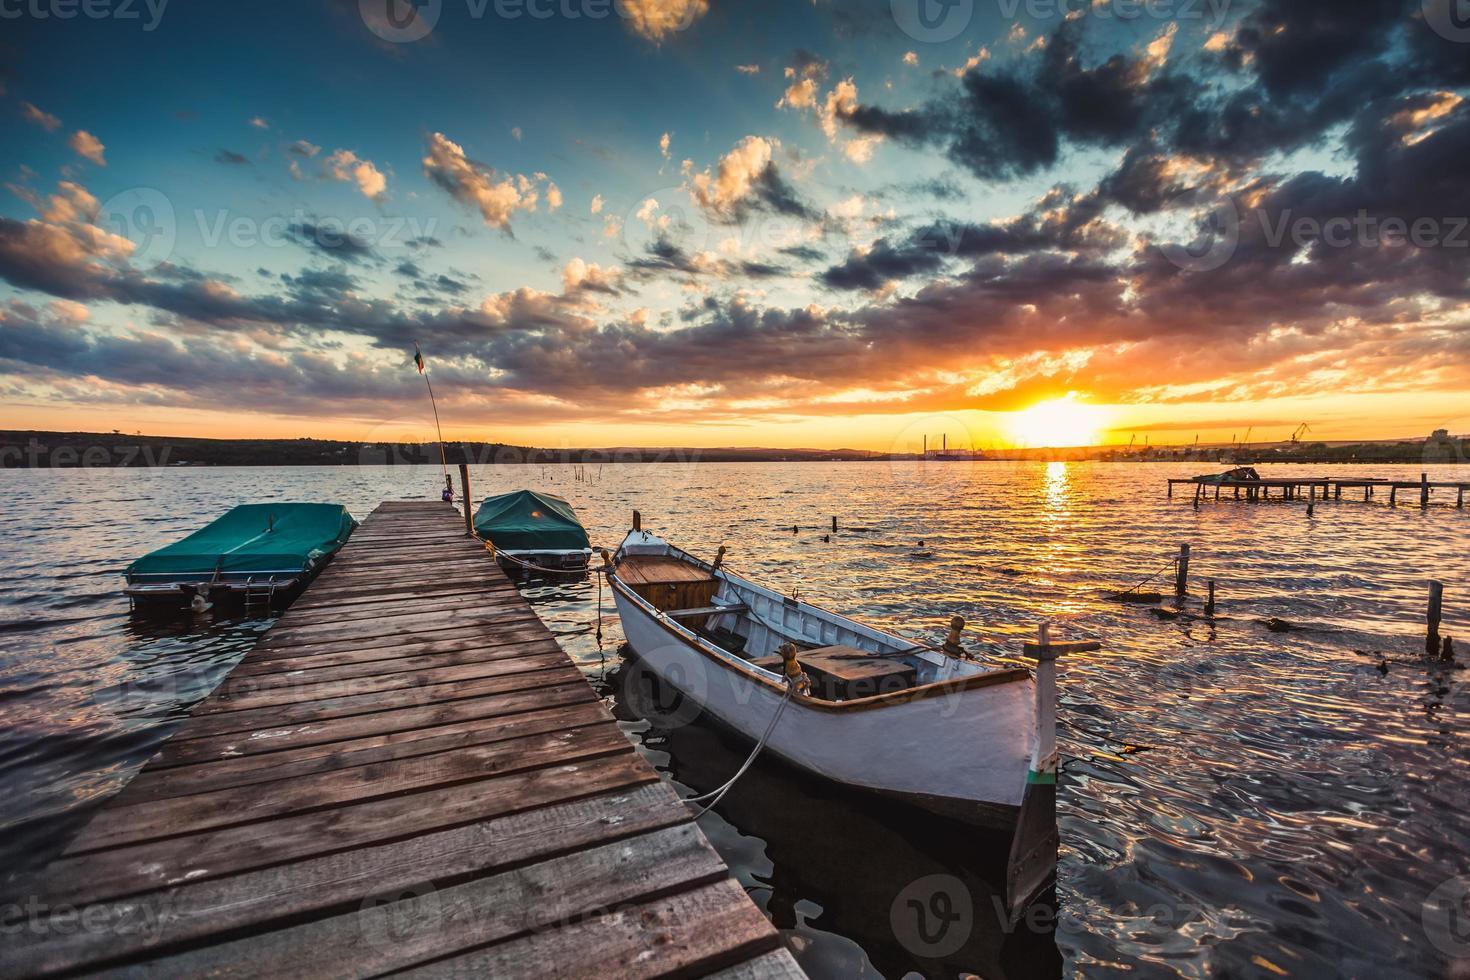 puesta de sol pacífica con cielo espectacular y barcos y un embarcadero foto